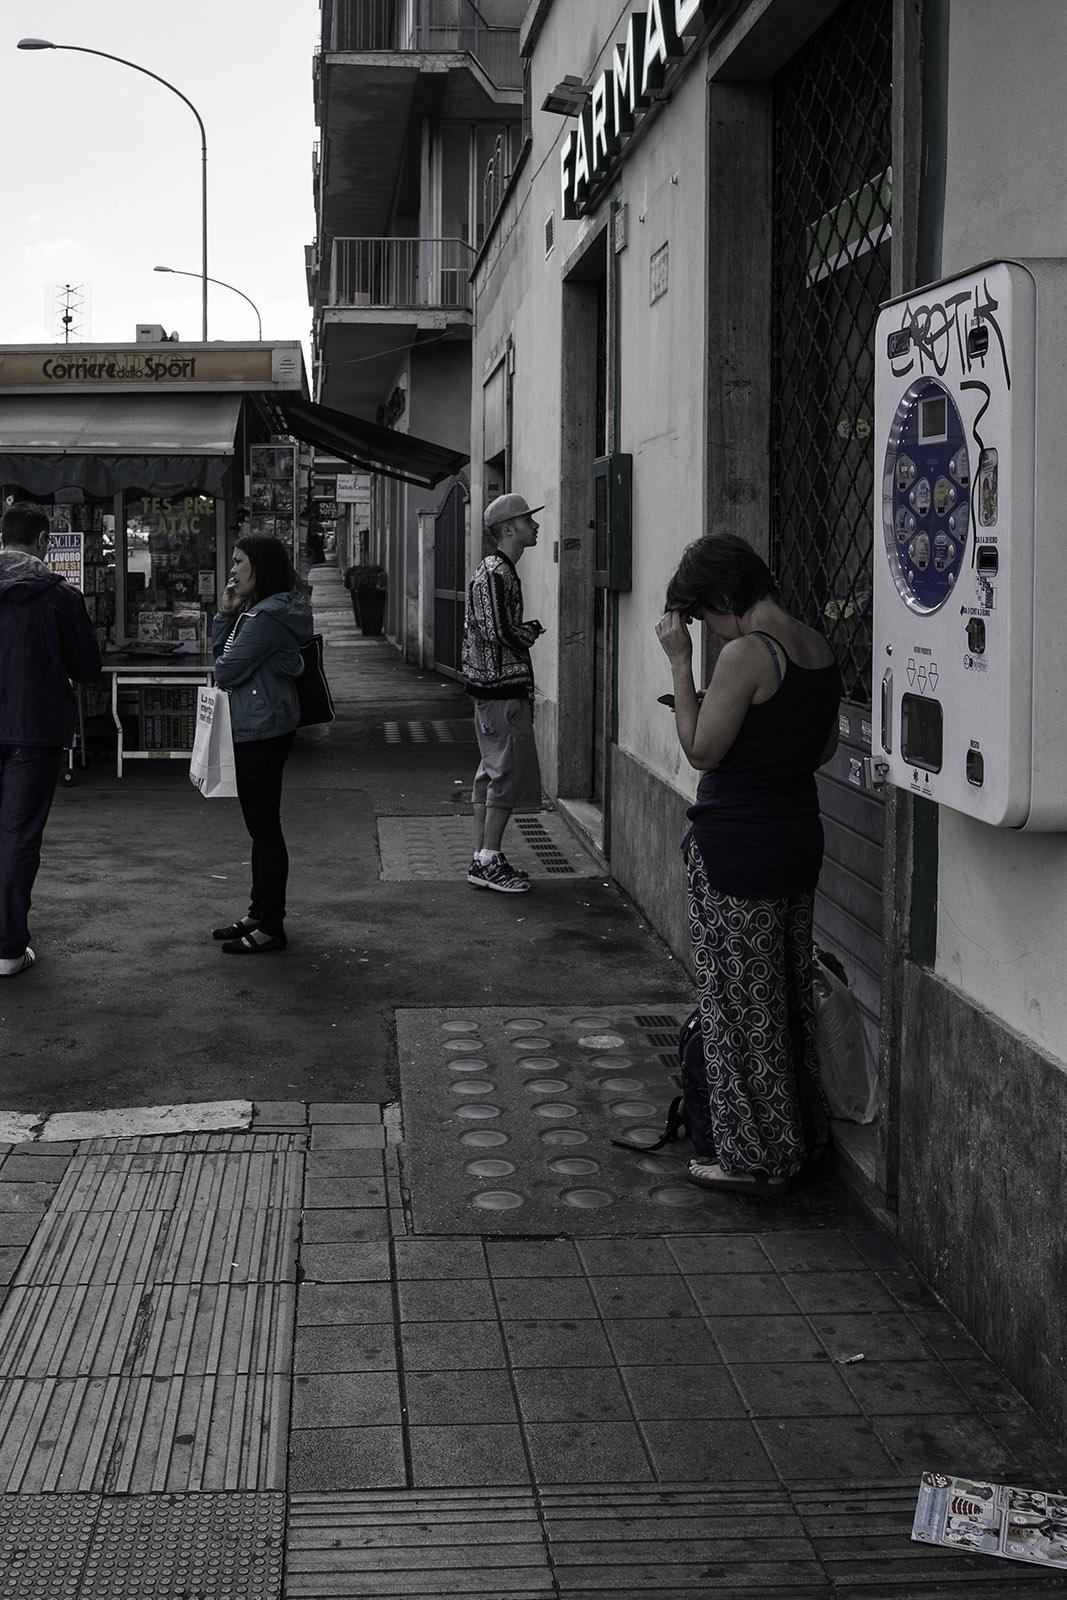 Roma_street_014V_1600.jpg